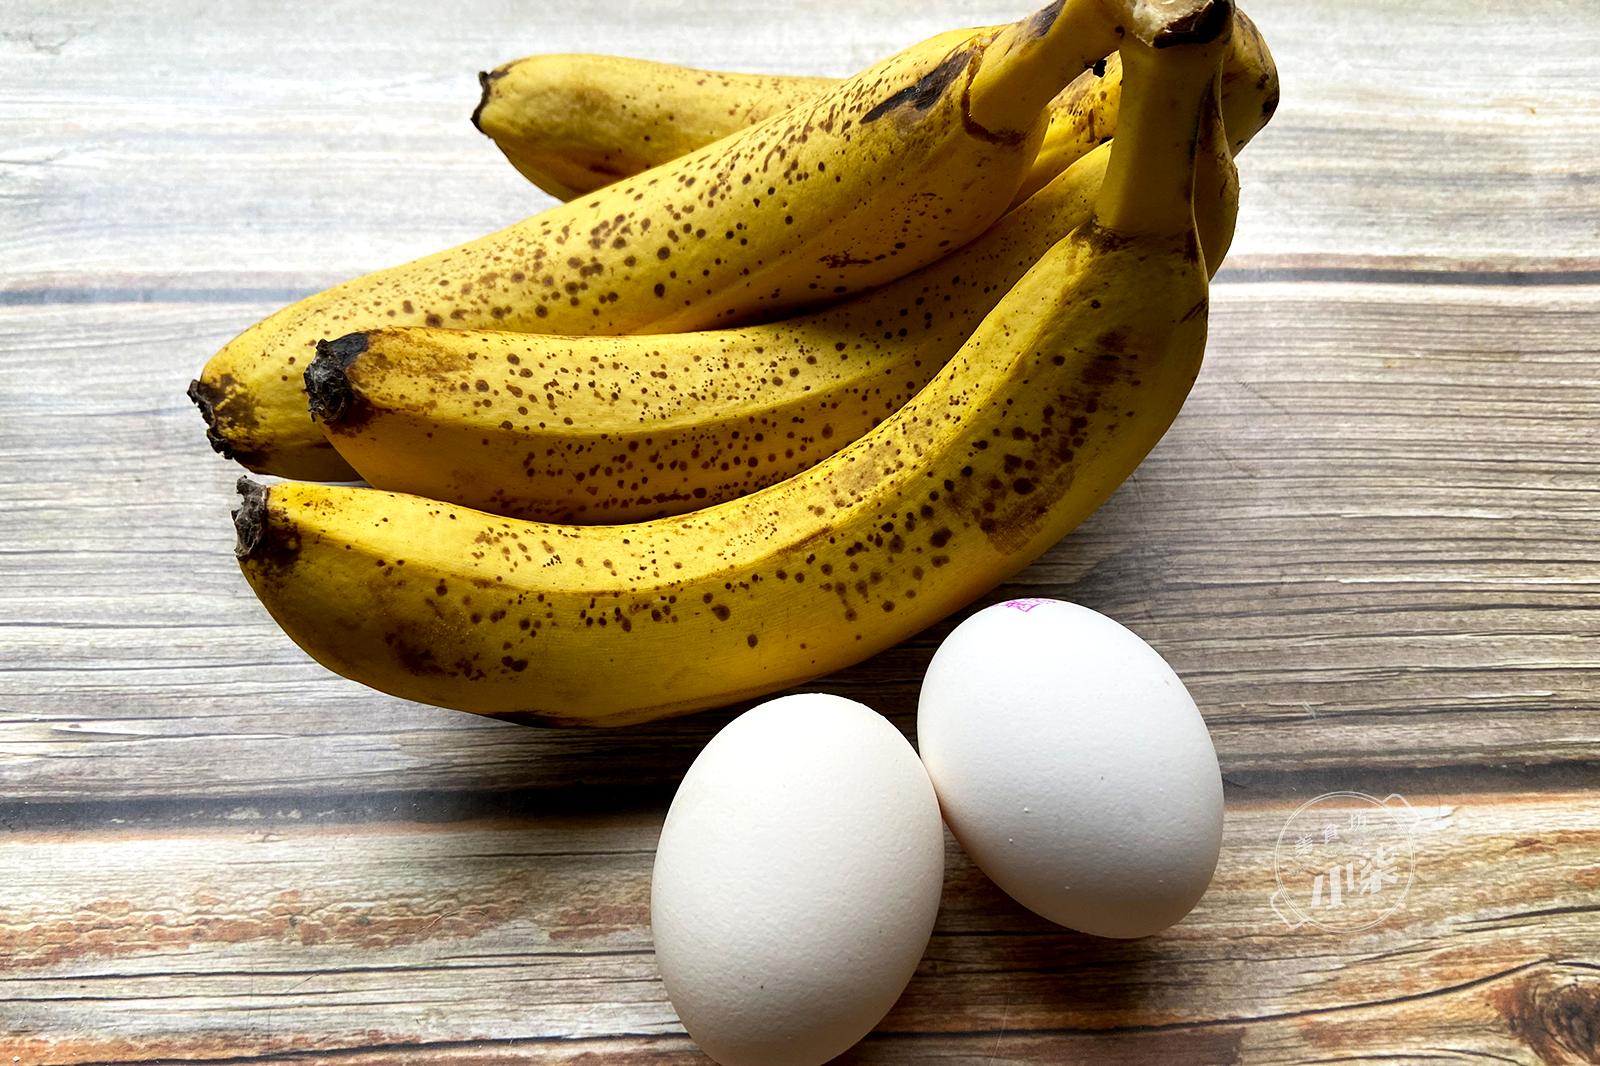 2個雞蛋,4根香蕉,鍋裡一烙想不到這麼好吃,做法簡單,太香了